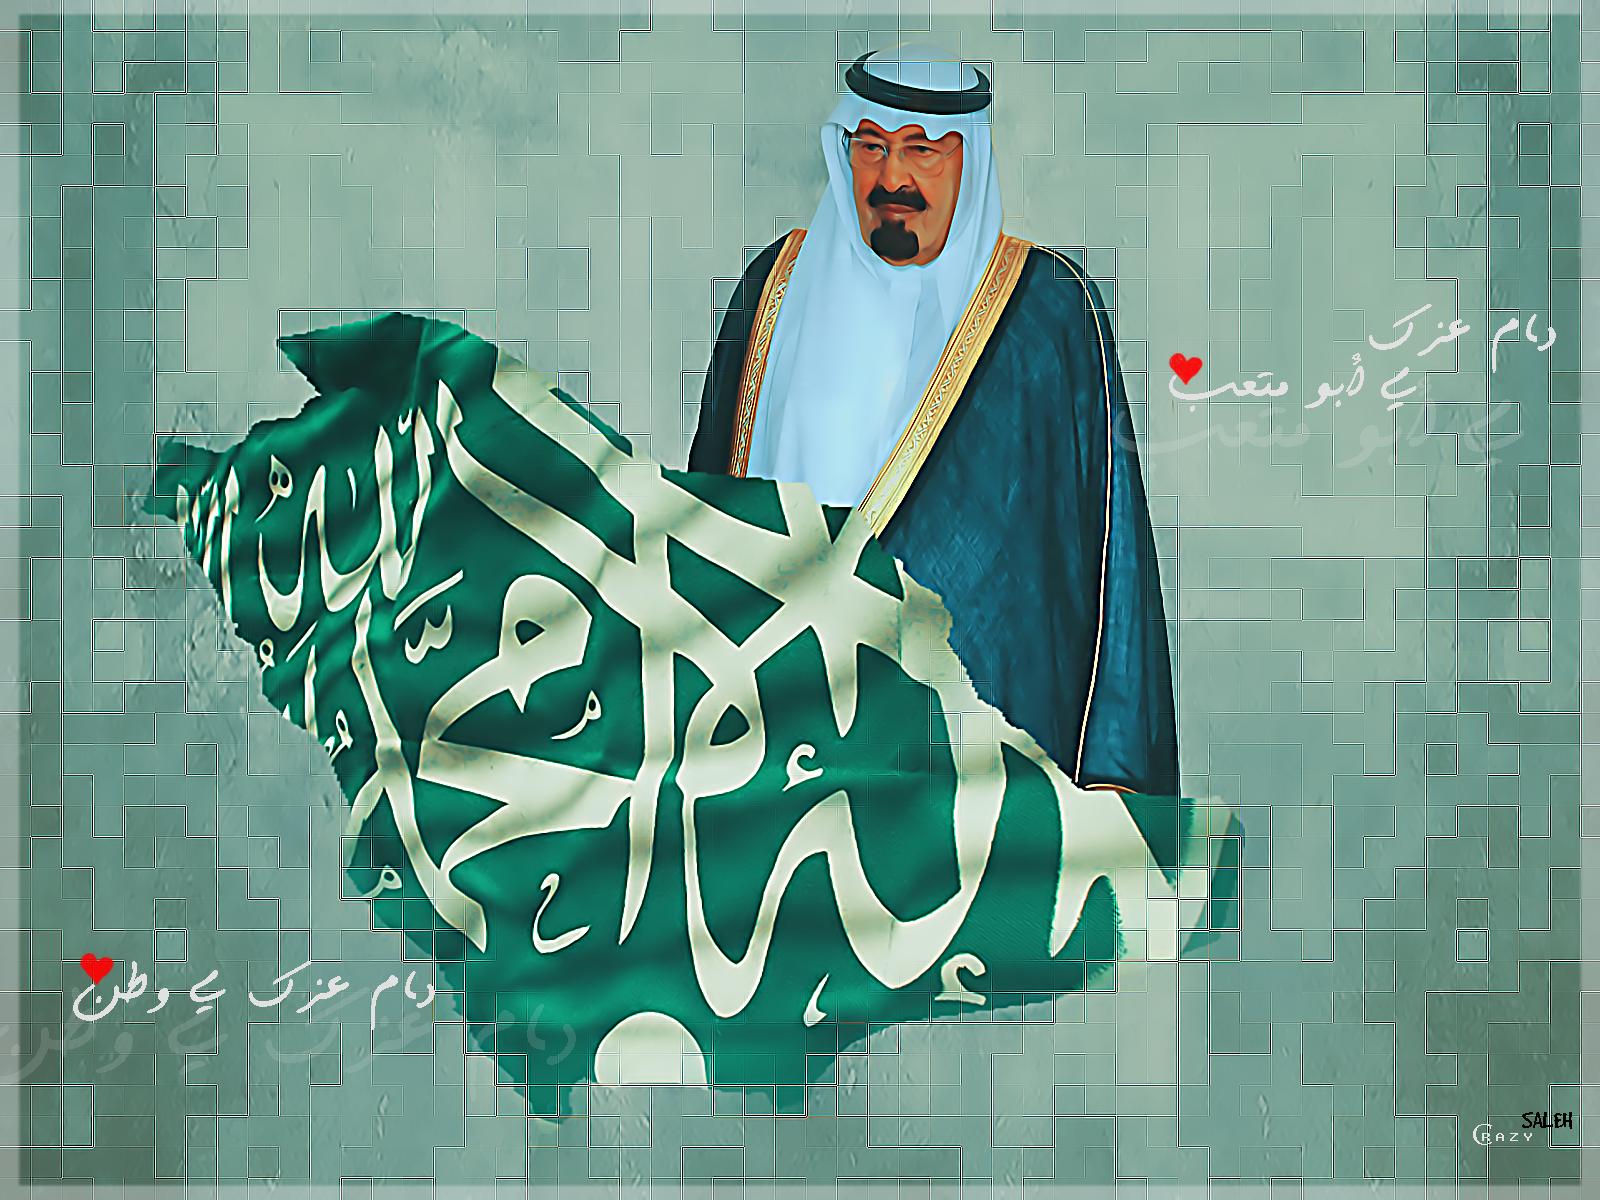 صور علم السعودية , خلفيات